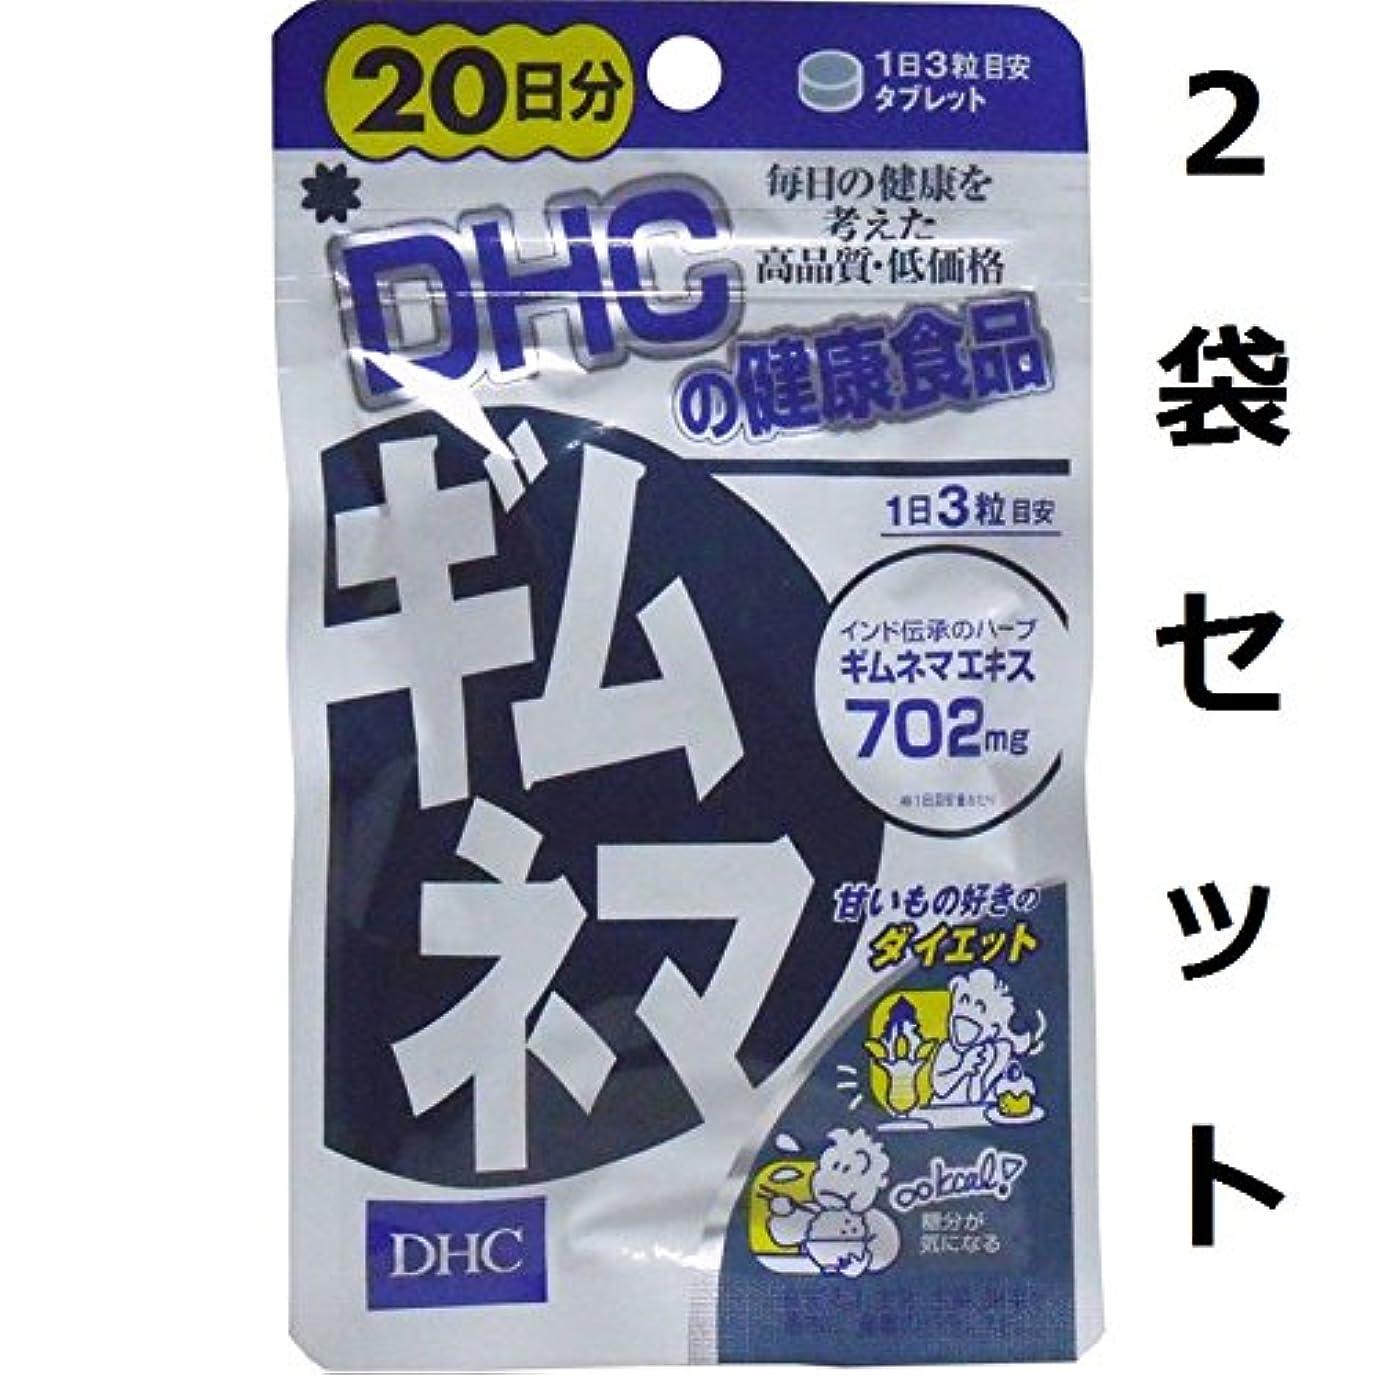 尊敬する引く別々に我慢せずに余分な糖分をブロック DHC ギムネマ 20日分 60粒 2袋セット